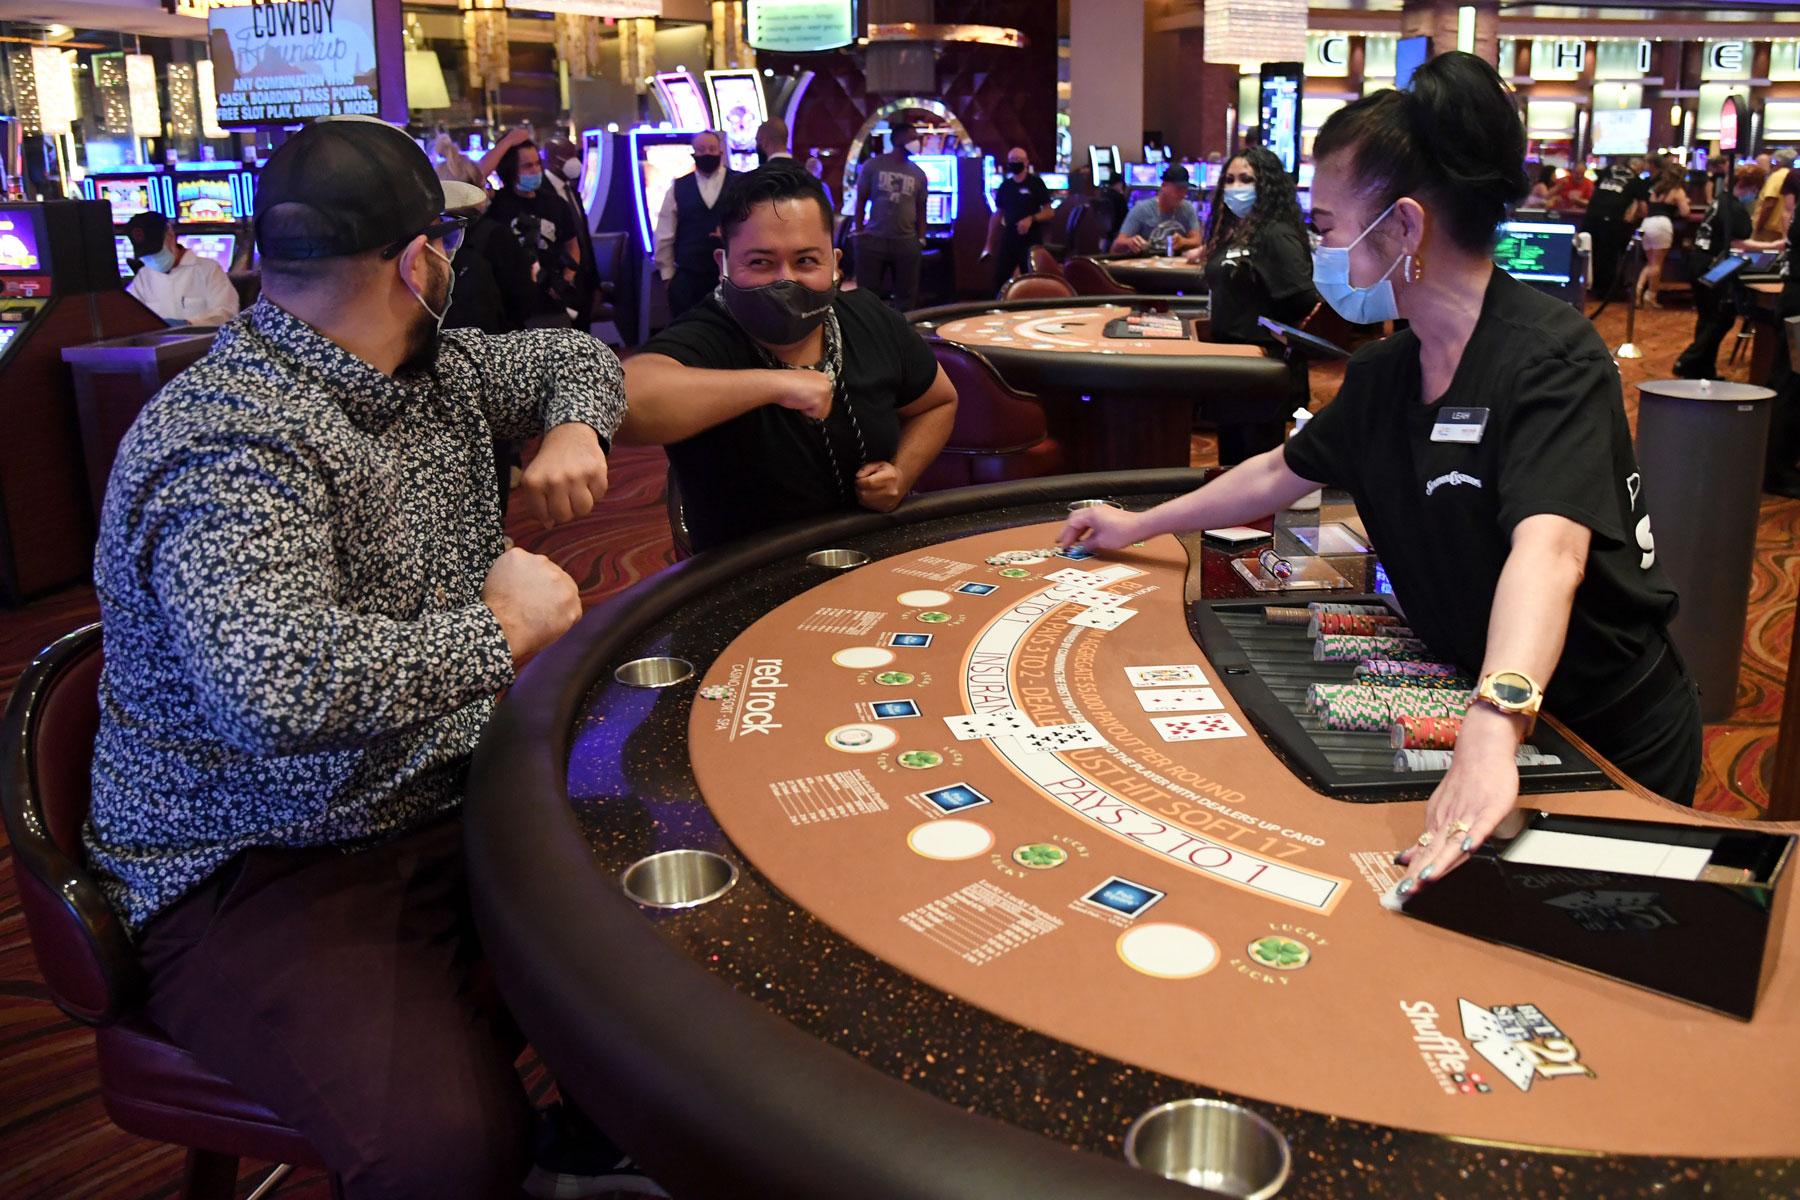 Tuntutan Pelegalan IGaming di Illinois untuk Menyelamatkan Industri Casino